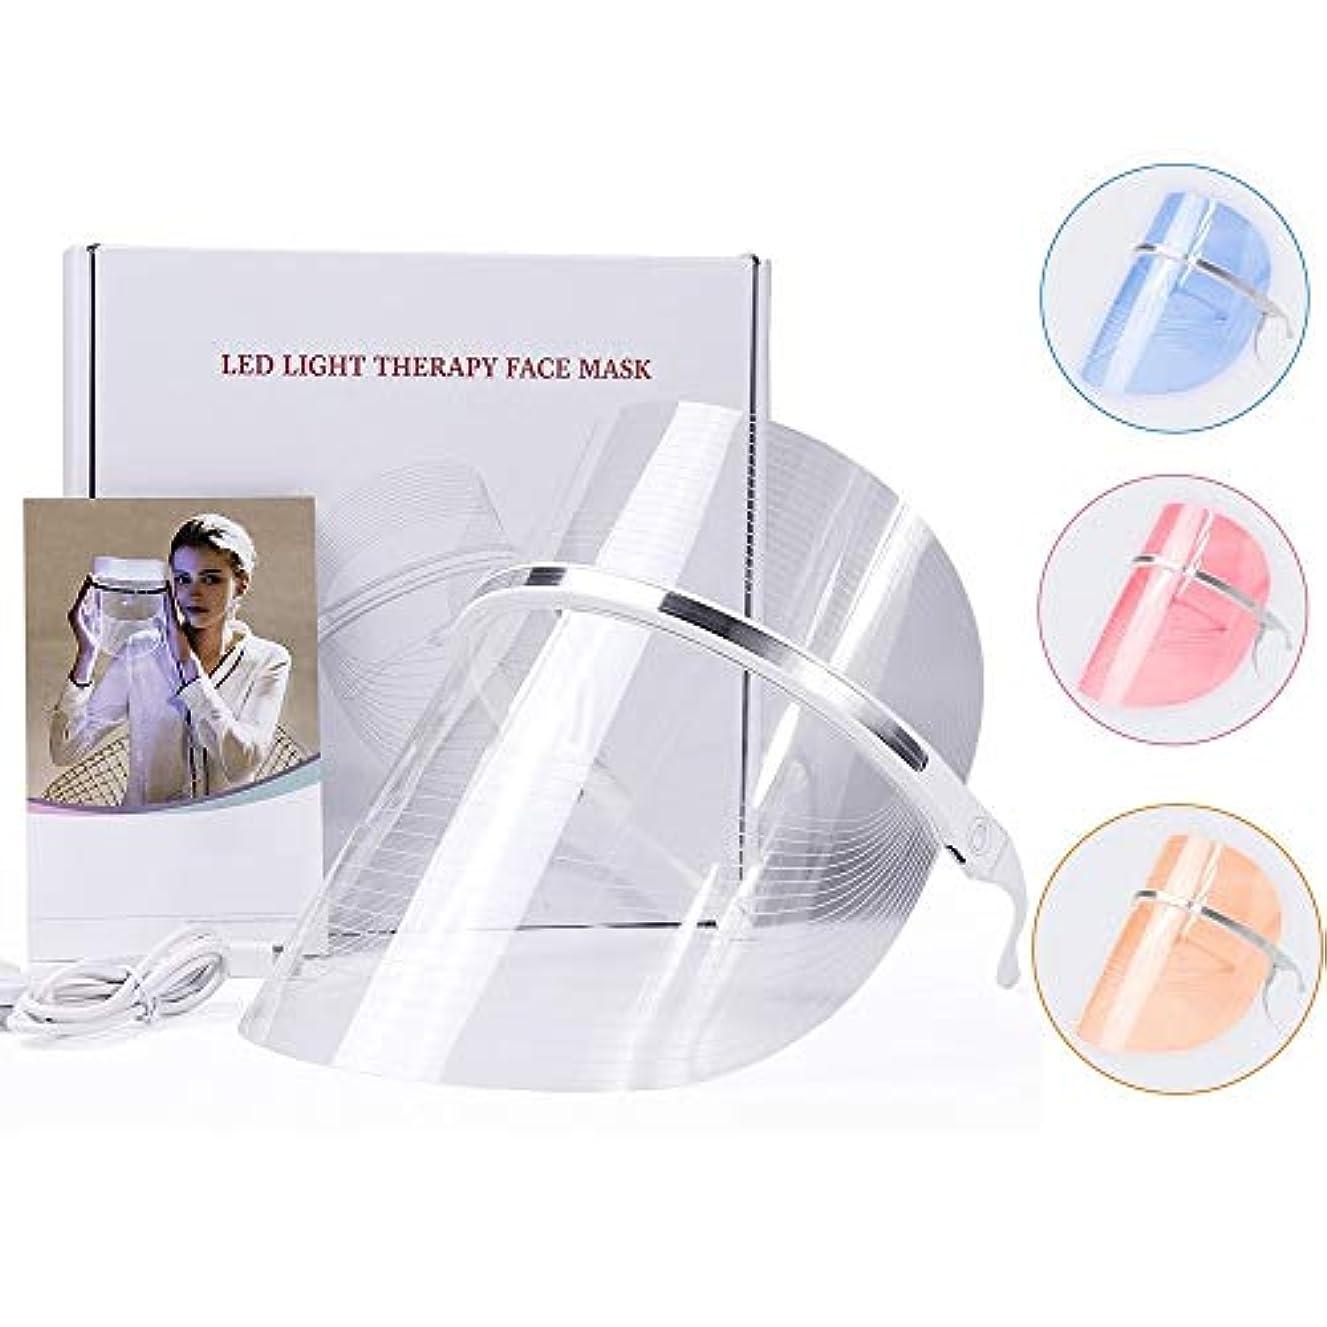 スタウトキラウエア山折Facial Mask LED Light 3 Colors Women Beauty Face Care Mask USB Rechargeable Therapy Light Photon Whitening Firming...